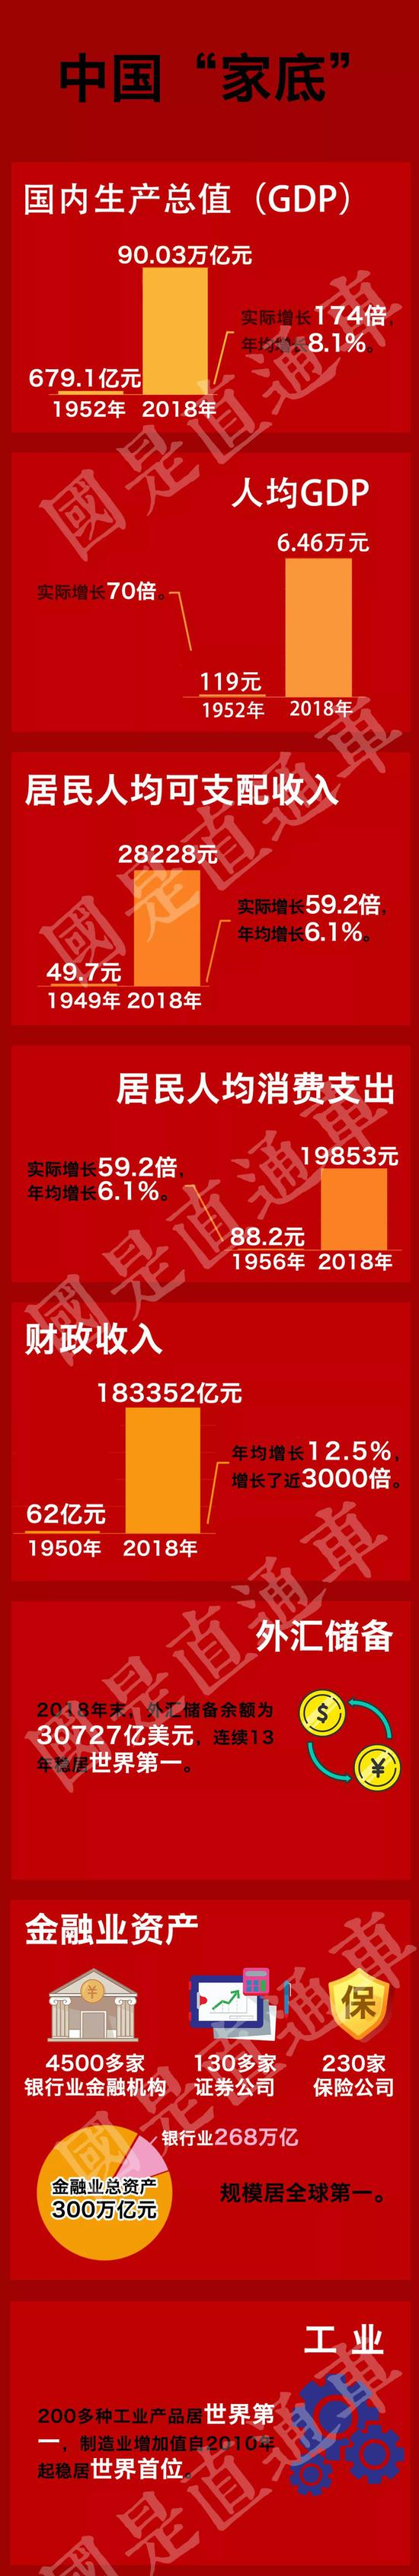 """人民日报海外版:70年工业化,那些难忘的""""第一"""""""